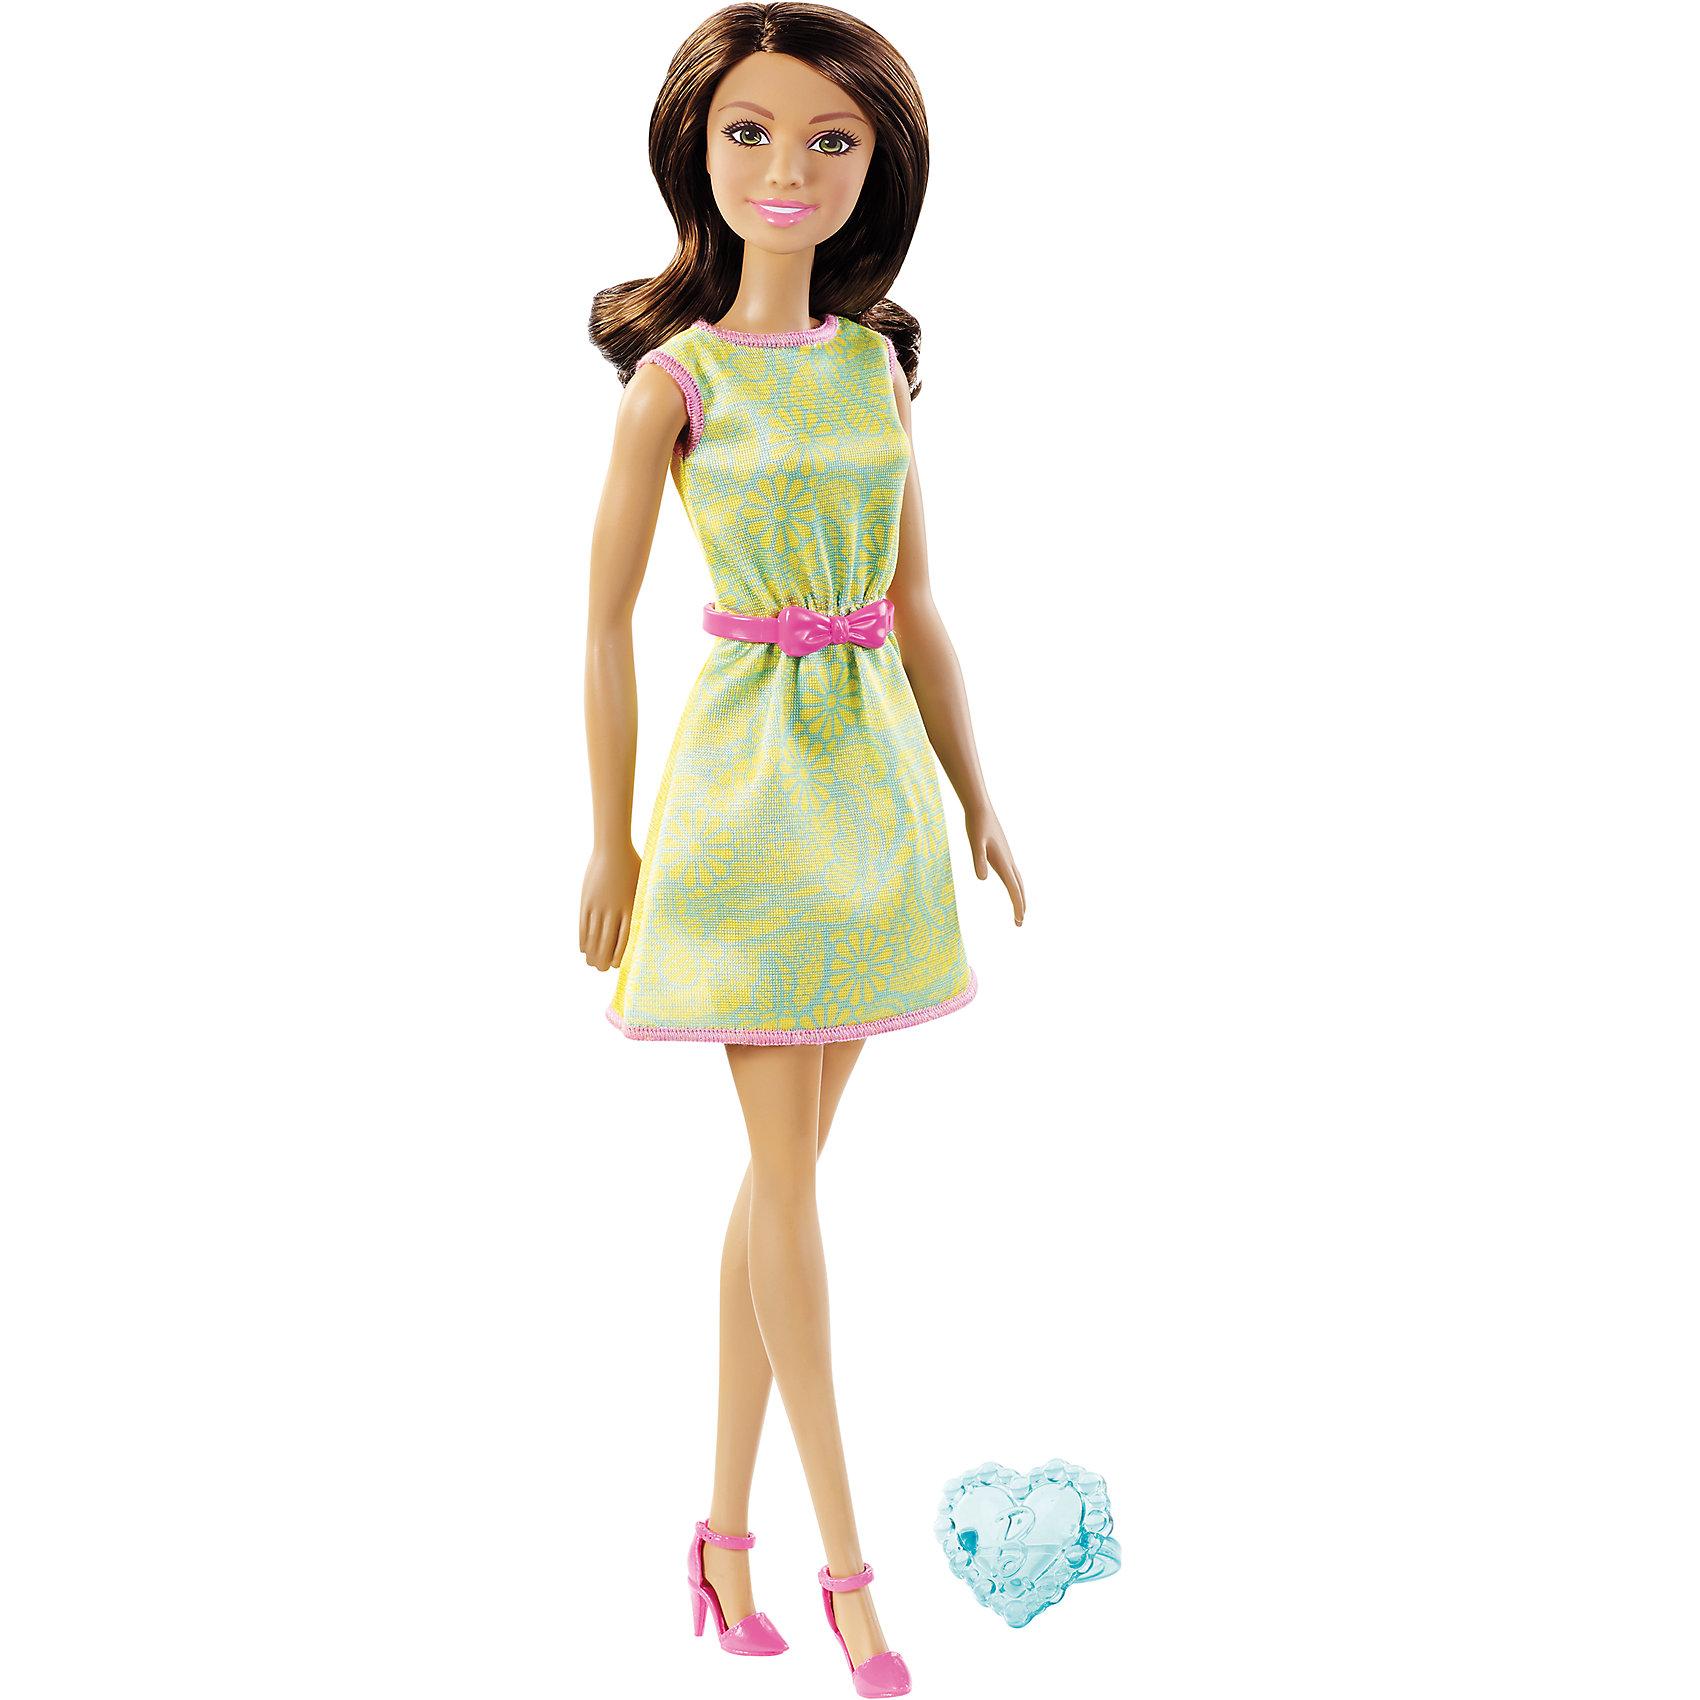 Кукла в модной одежде, BarbieБарби - стильная красотка, покорившая сердца девчонок всего мира! Одежда и аксессуары этой куколки всегда тщательно подобраны и проработаны. Сегодня наша модница решила выбрать наряд, состоящий из очаровательного желтого платья с контрастной розовой отделкой и  поясом с маленьким кокетливым бантиком. На ногах - розовые босоножки. Белокурые длинные волосы Барби мягкие и послушные, из них получится множество разнообразных причесок. Для хозяйки куклы в комплекте прилагается колечко, чтобы тоже быть неотразимой. Постигать азы моды вместе с Барби – это так увлекательно! <br><br>Дополнительная информация:<br><br>- Материал: пластик, текстиль.<br>- Размер куклы: 30 см.<br>- Голова, руки ноги подвижные. <br>- Комплектация: кукла в одежде и обуви, колечко для девочки. <br><br>Куклу в модной одежде, Barbie (Барби), можно купить в нашем магазине.<br><br>Ширина мм: 195<br>Глубина мм: 310<br>Высота мм: 345<br>Вес г: 210<br>Возраст от месяцев: 36<br>Возраст до месяцев: 72<br>Пол: Женский<br>Возраст: Детский<br>SKU: 4616984